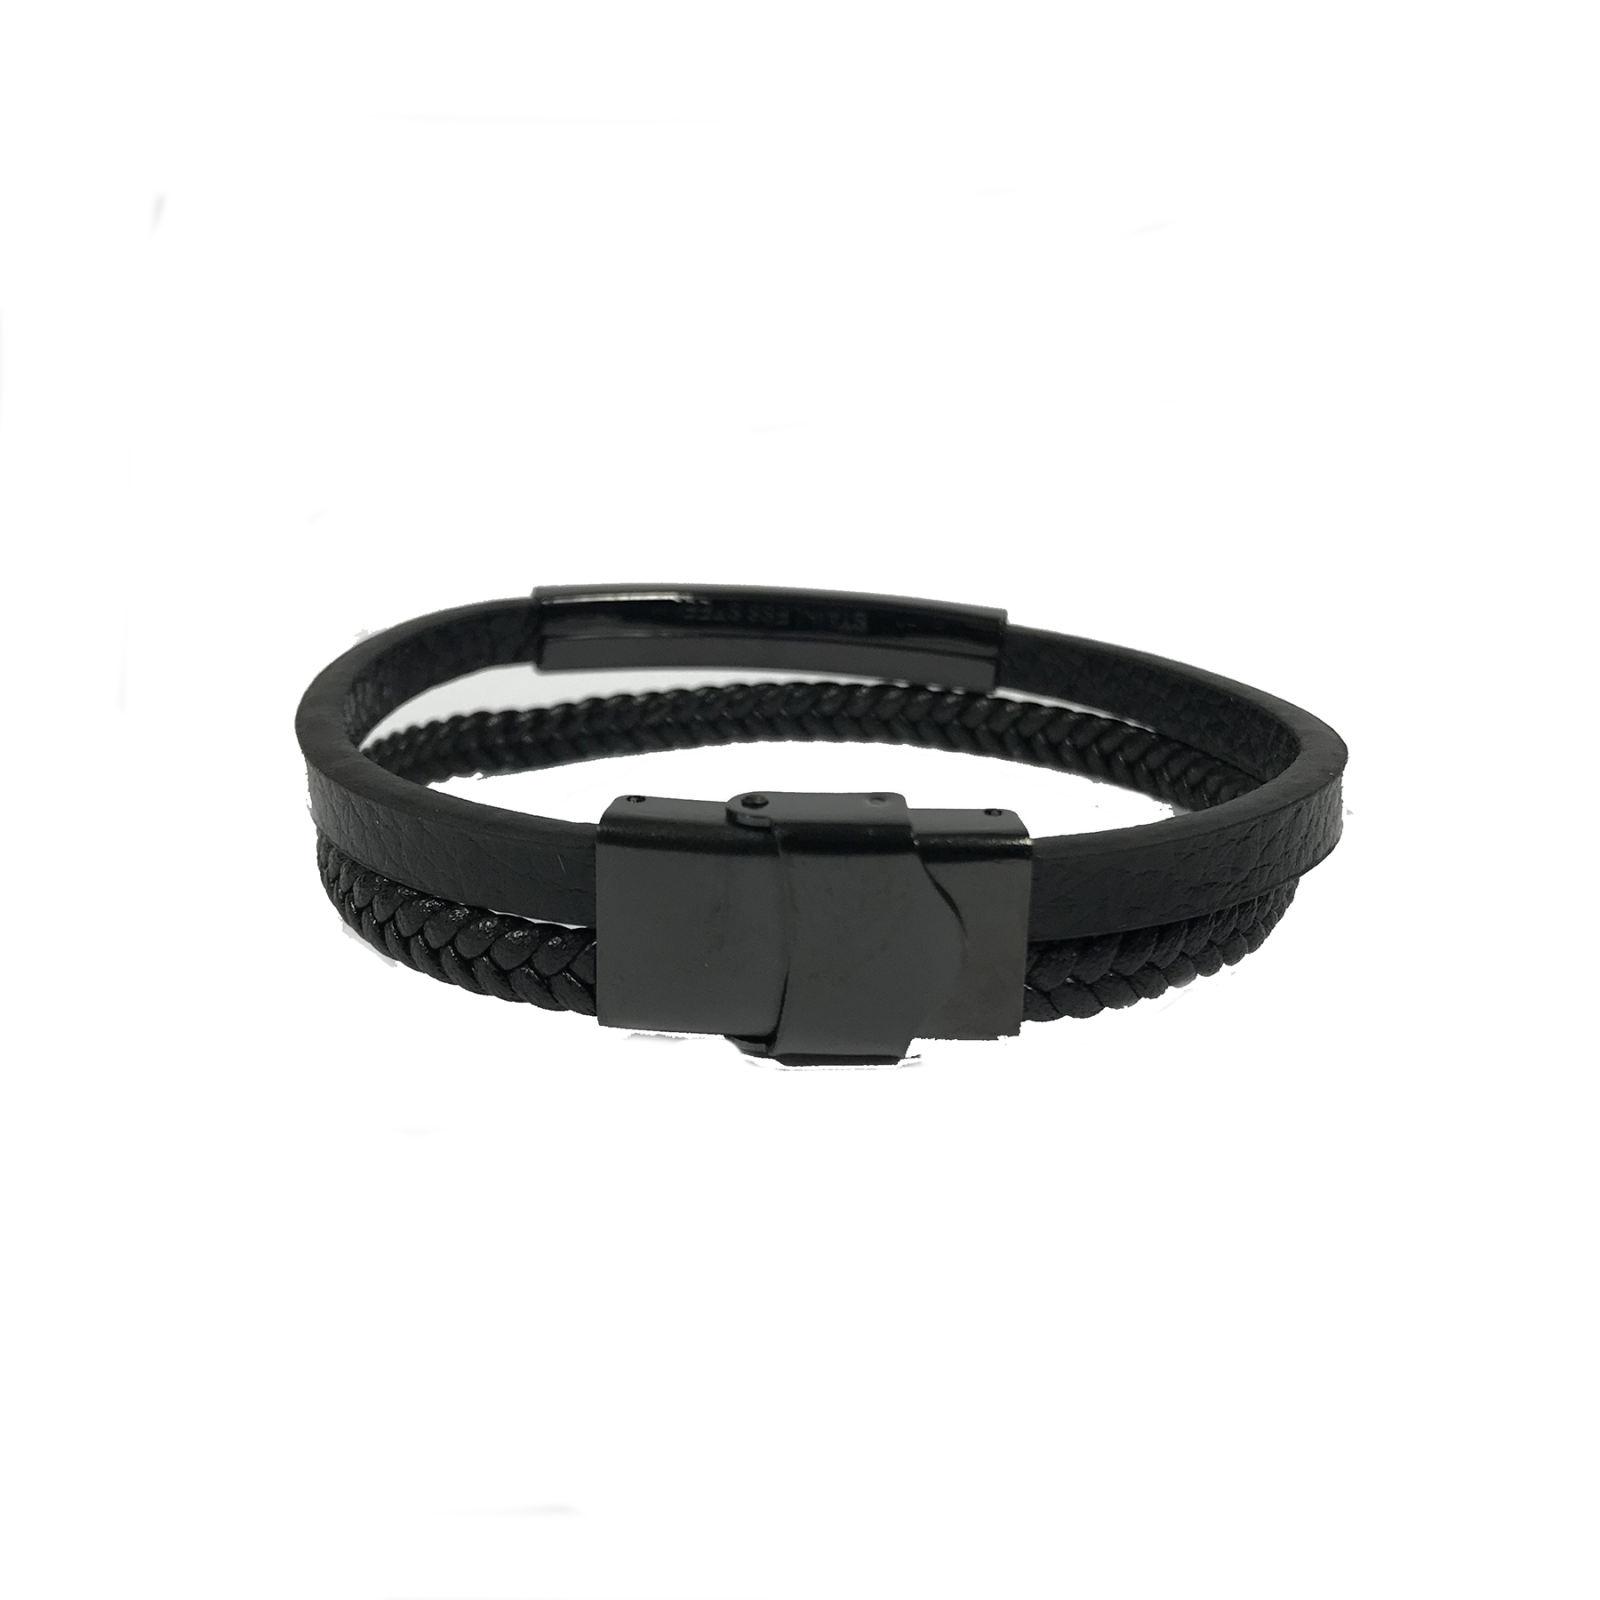 دستبند مردانه مون بلان  مدل 102 -  - 5